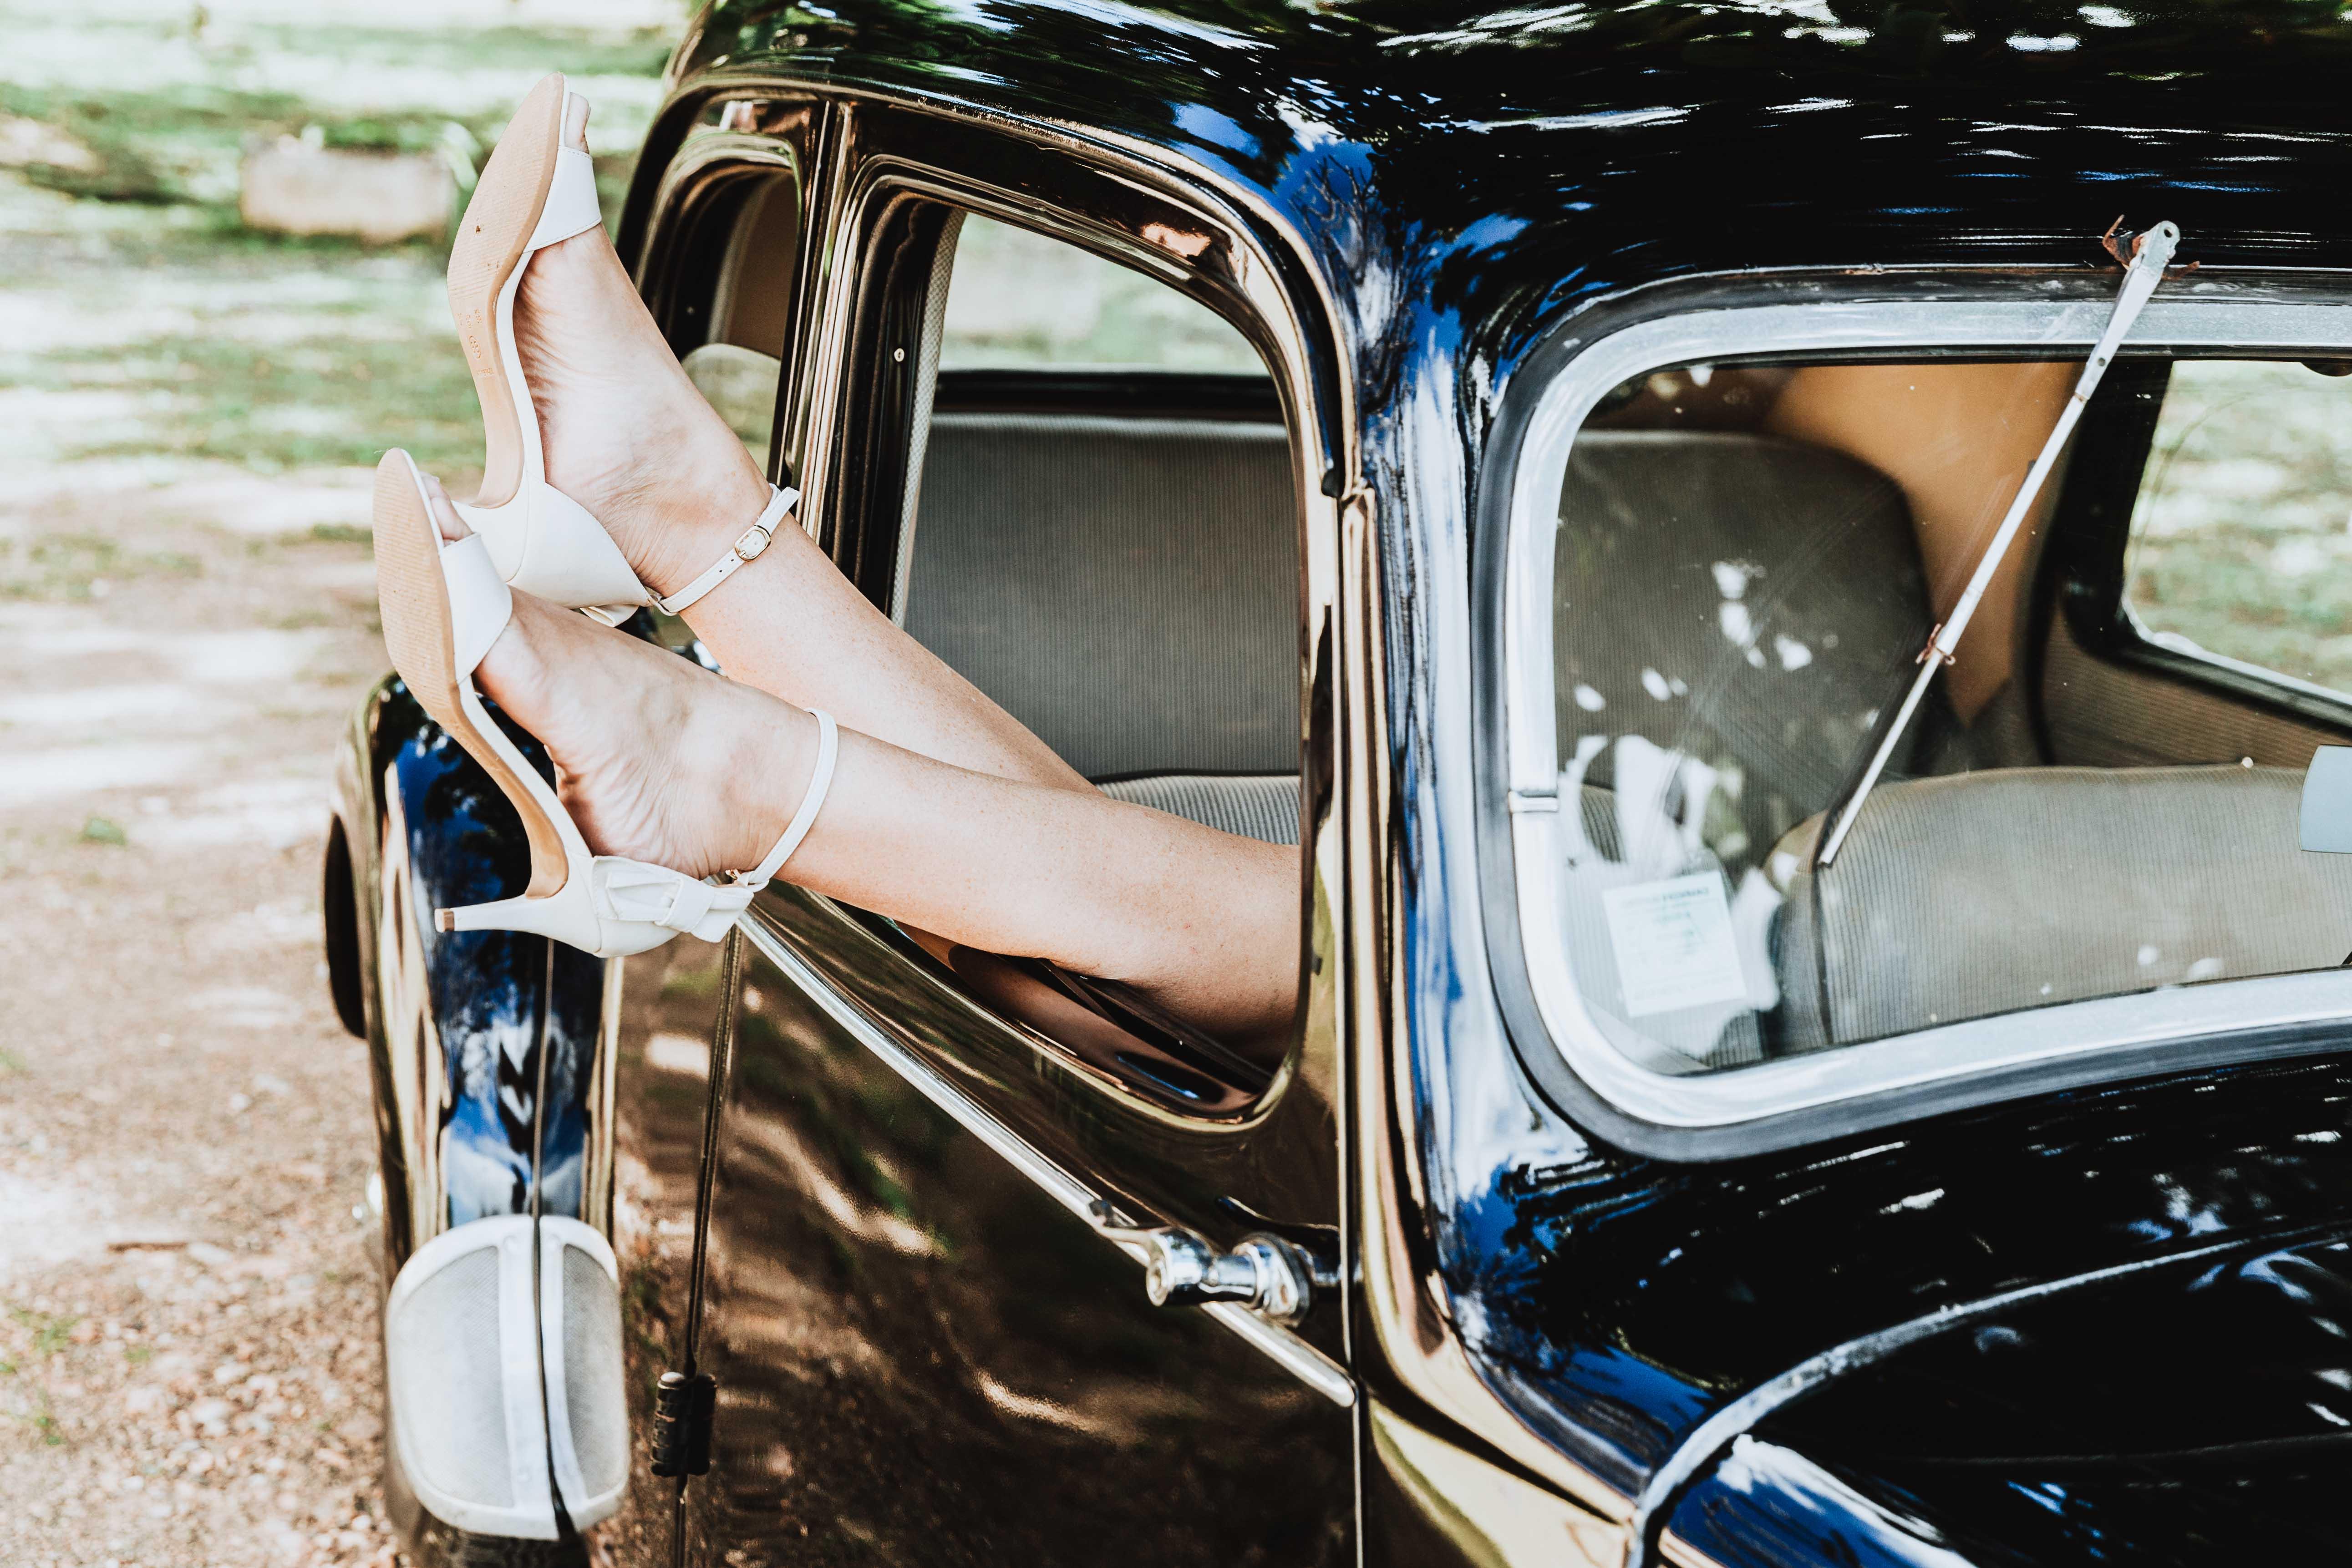 photo de mariage originale. les chaussures de la mariés dépassent de la fenêtre d'une voiture vintage